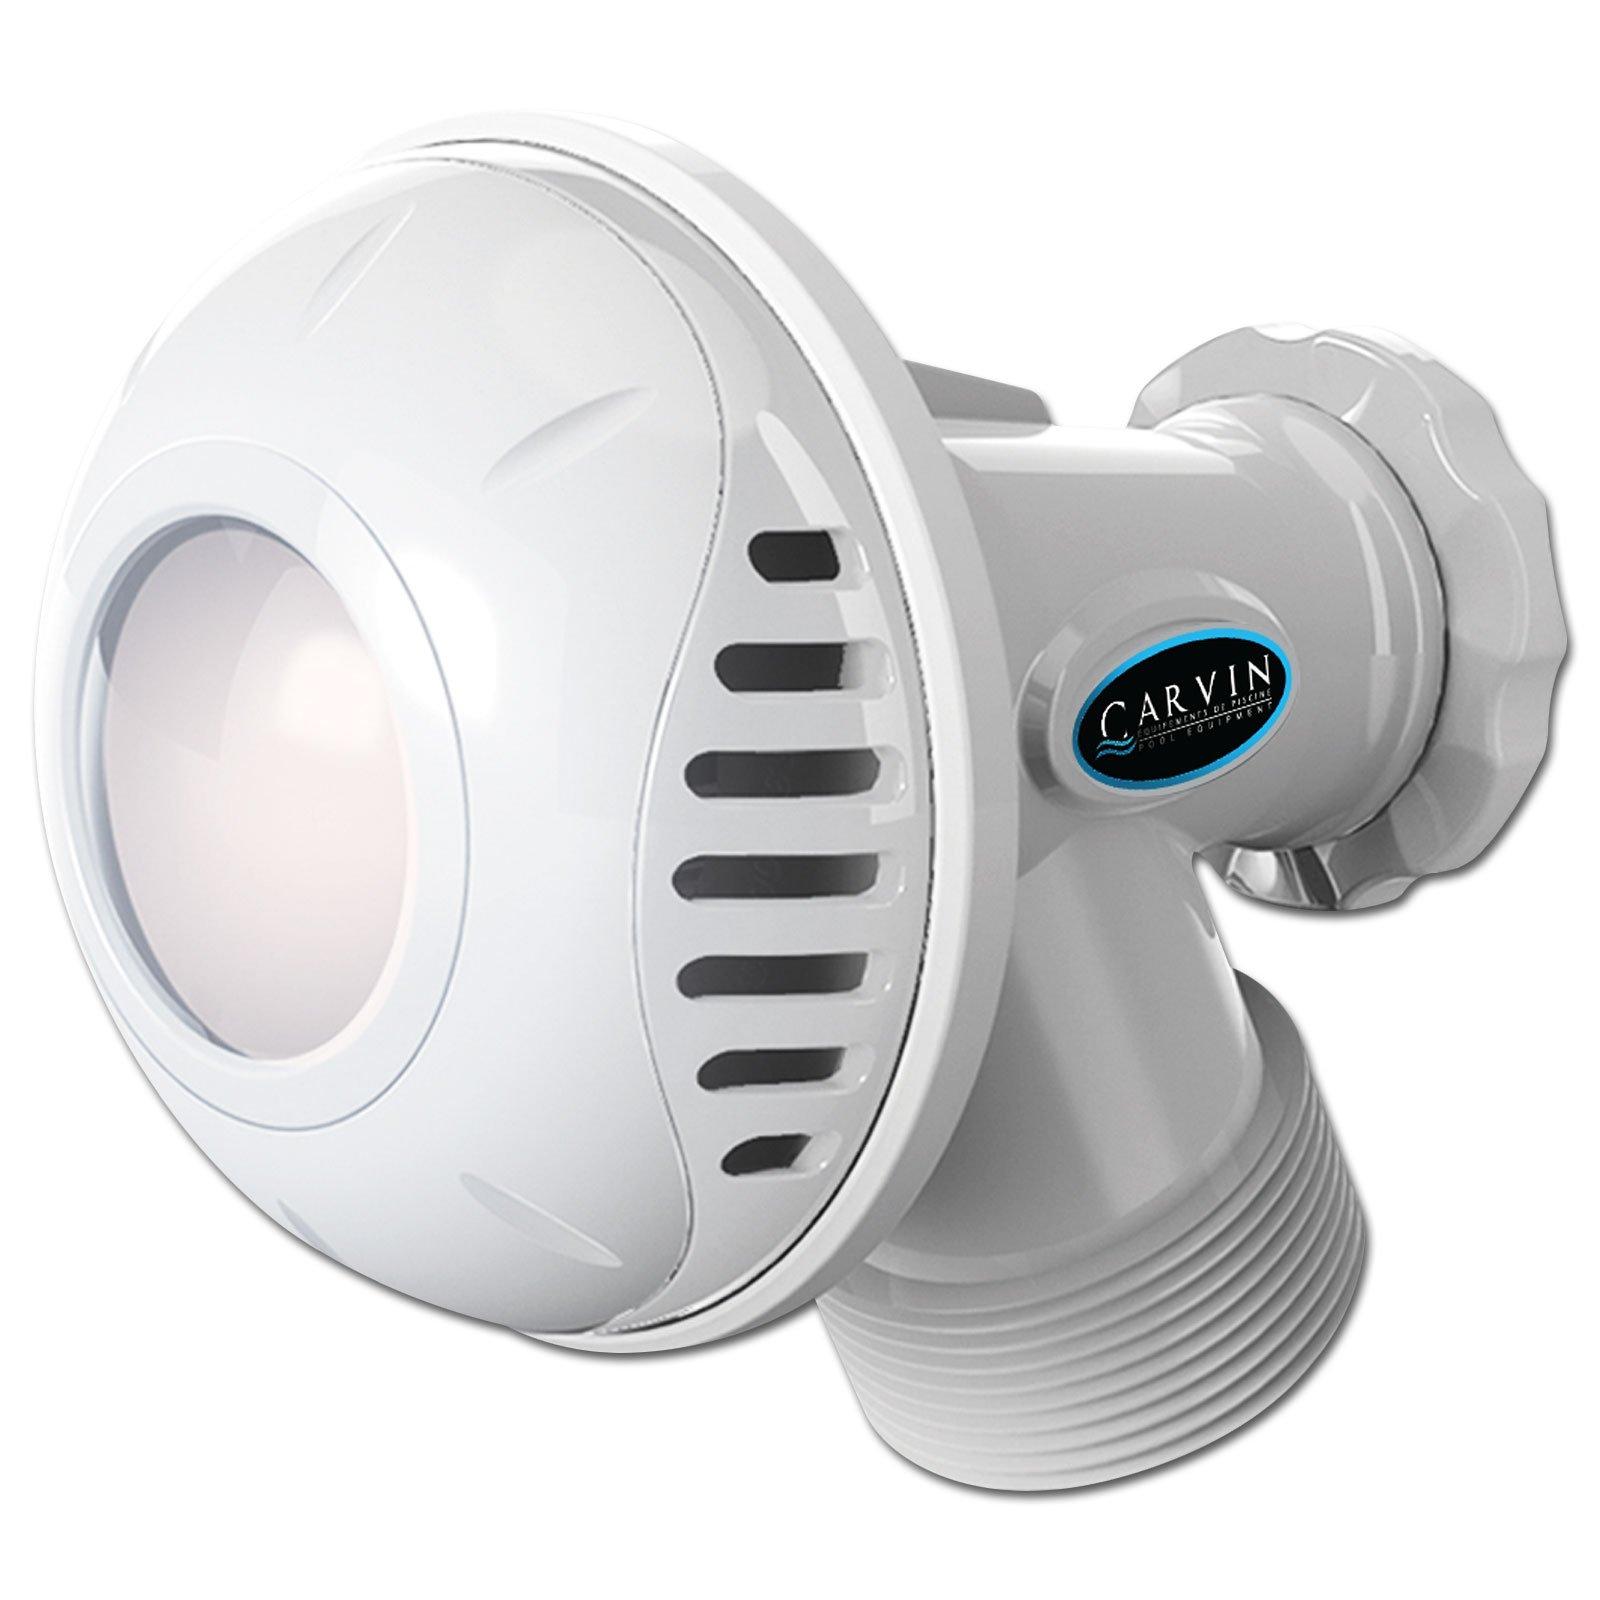 Carvin StarWhite LED Underwater Above Ground Swimming Pool Return Light - 94132950